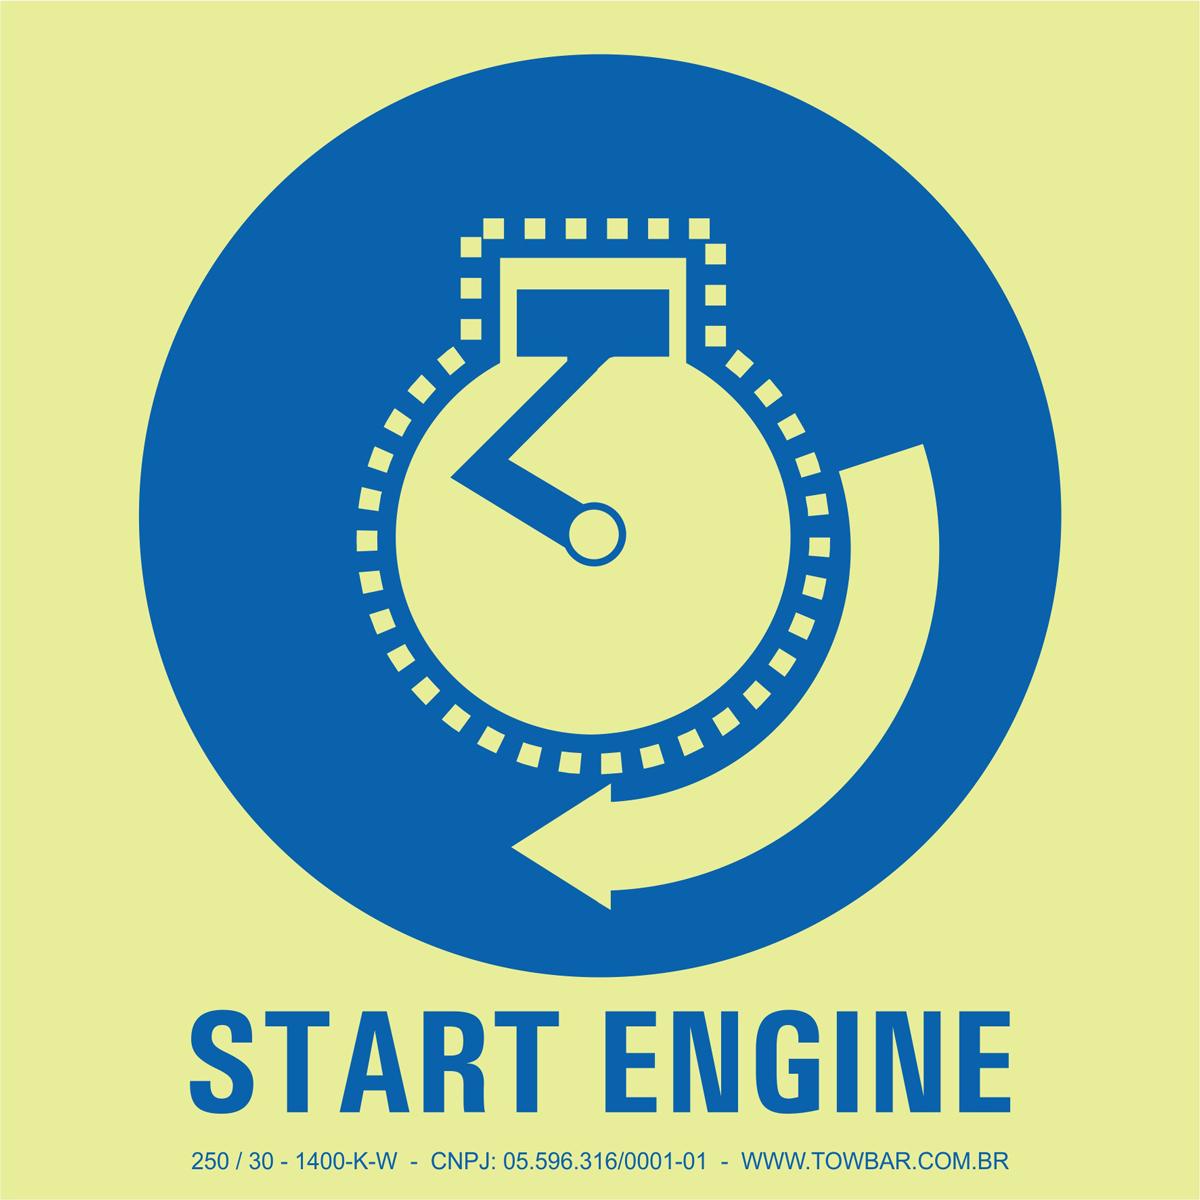 Start Engine  - Towbar Sinalização de Segurança